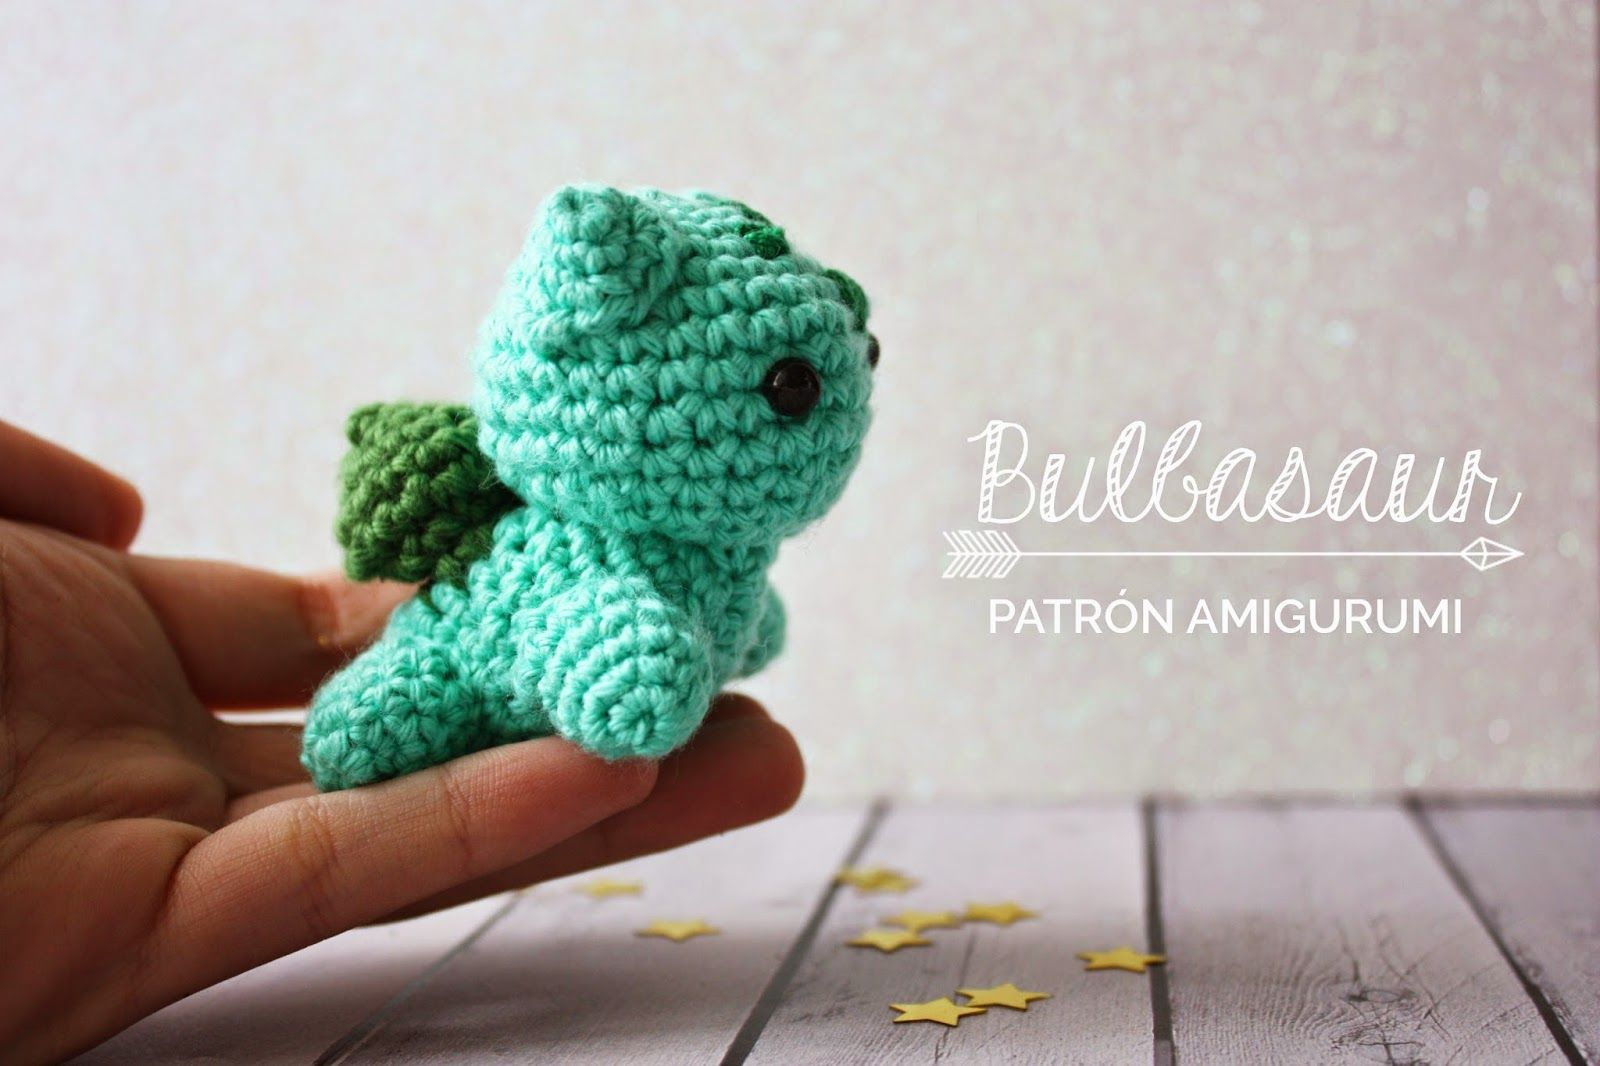 Bulbasaur - Pokemon Amigurumi - Patrón Gratis en Español - Versión ...